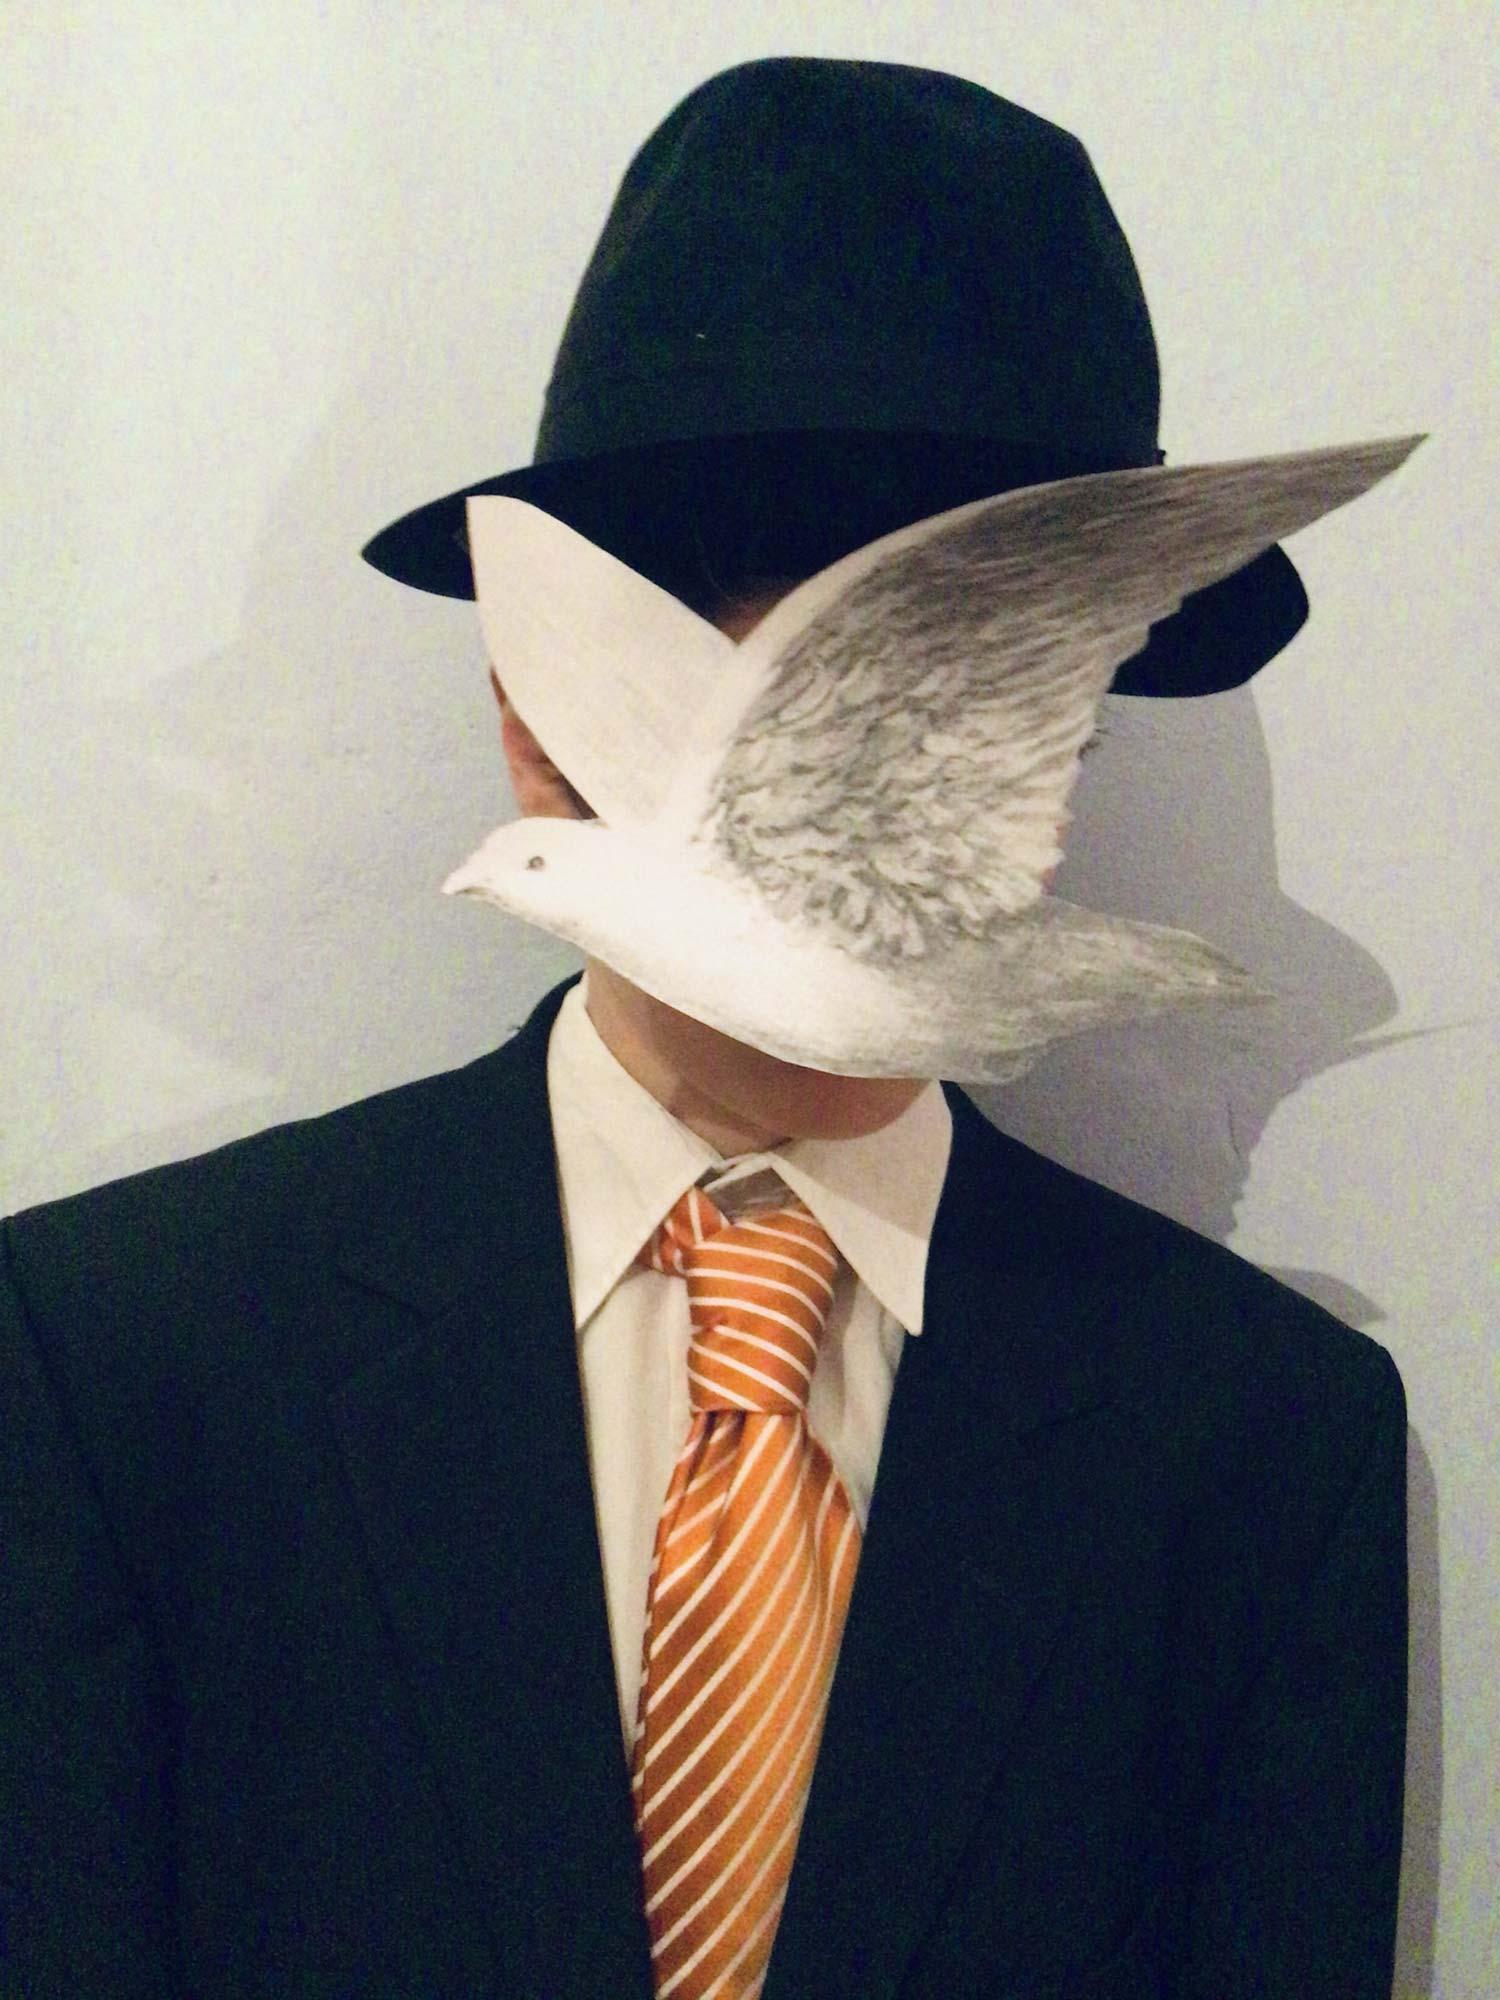 """Schüler 5. Jahrgang stellte das Gemälde von Magritte """"Mann mit Melone"""" nach https://www.rene-magritte.com/man-in-a-bowler-hat/"""